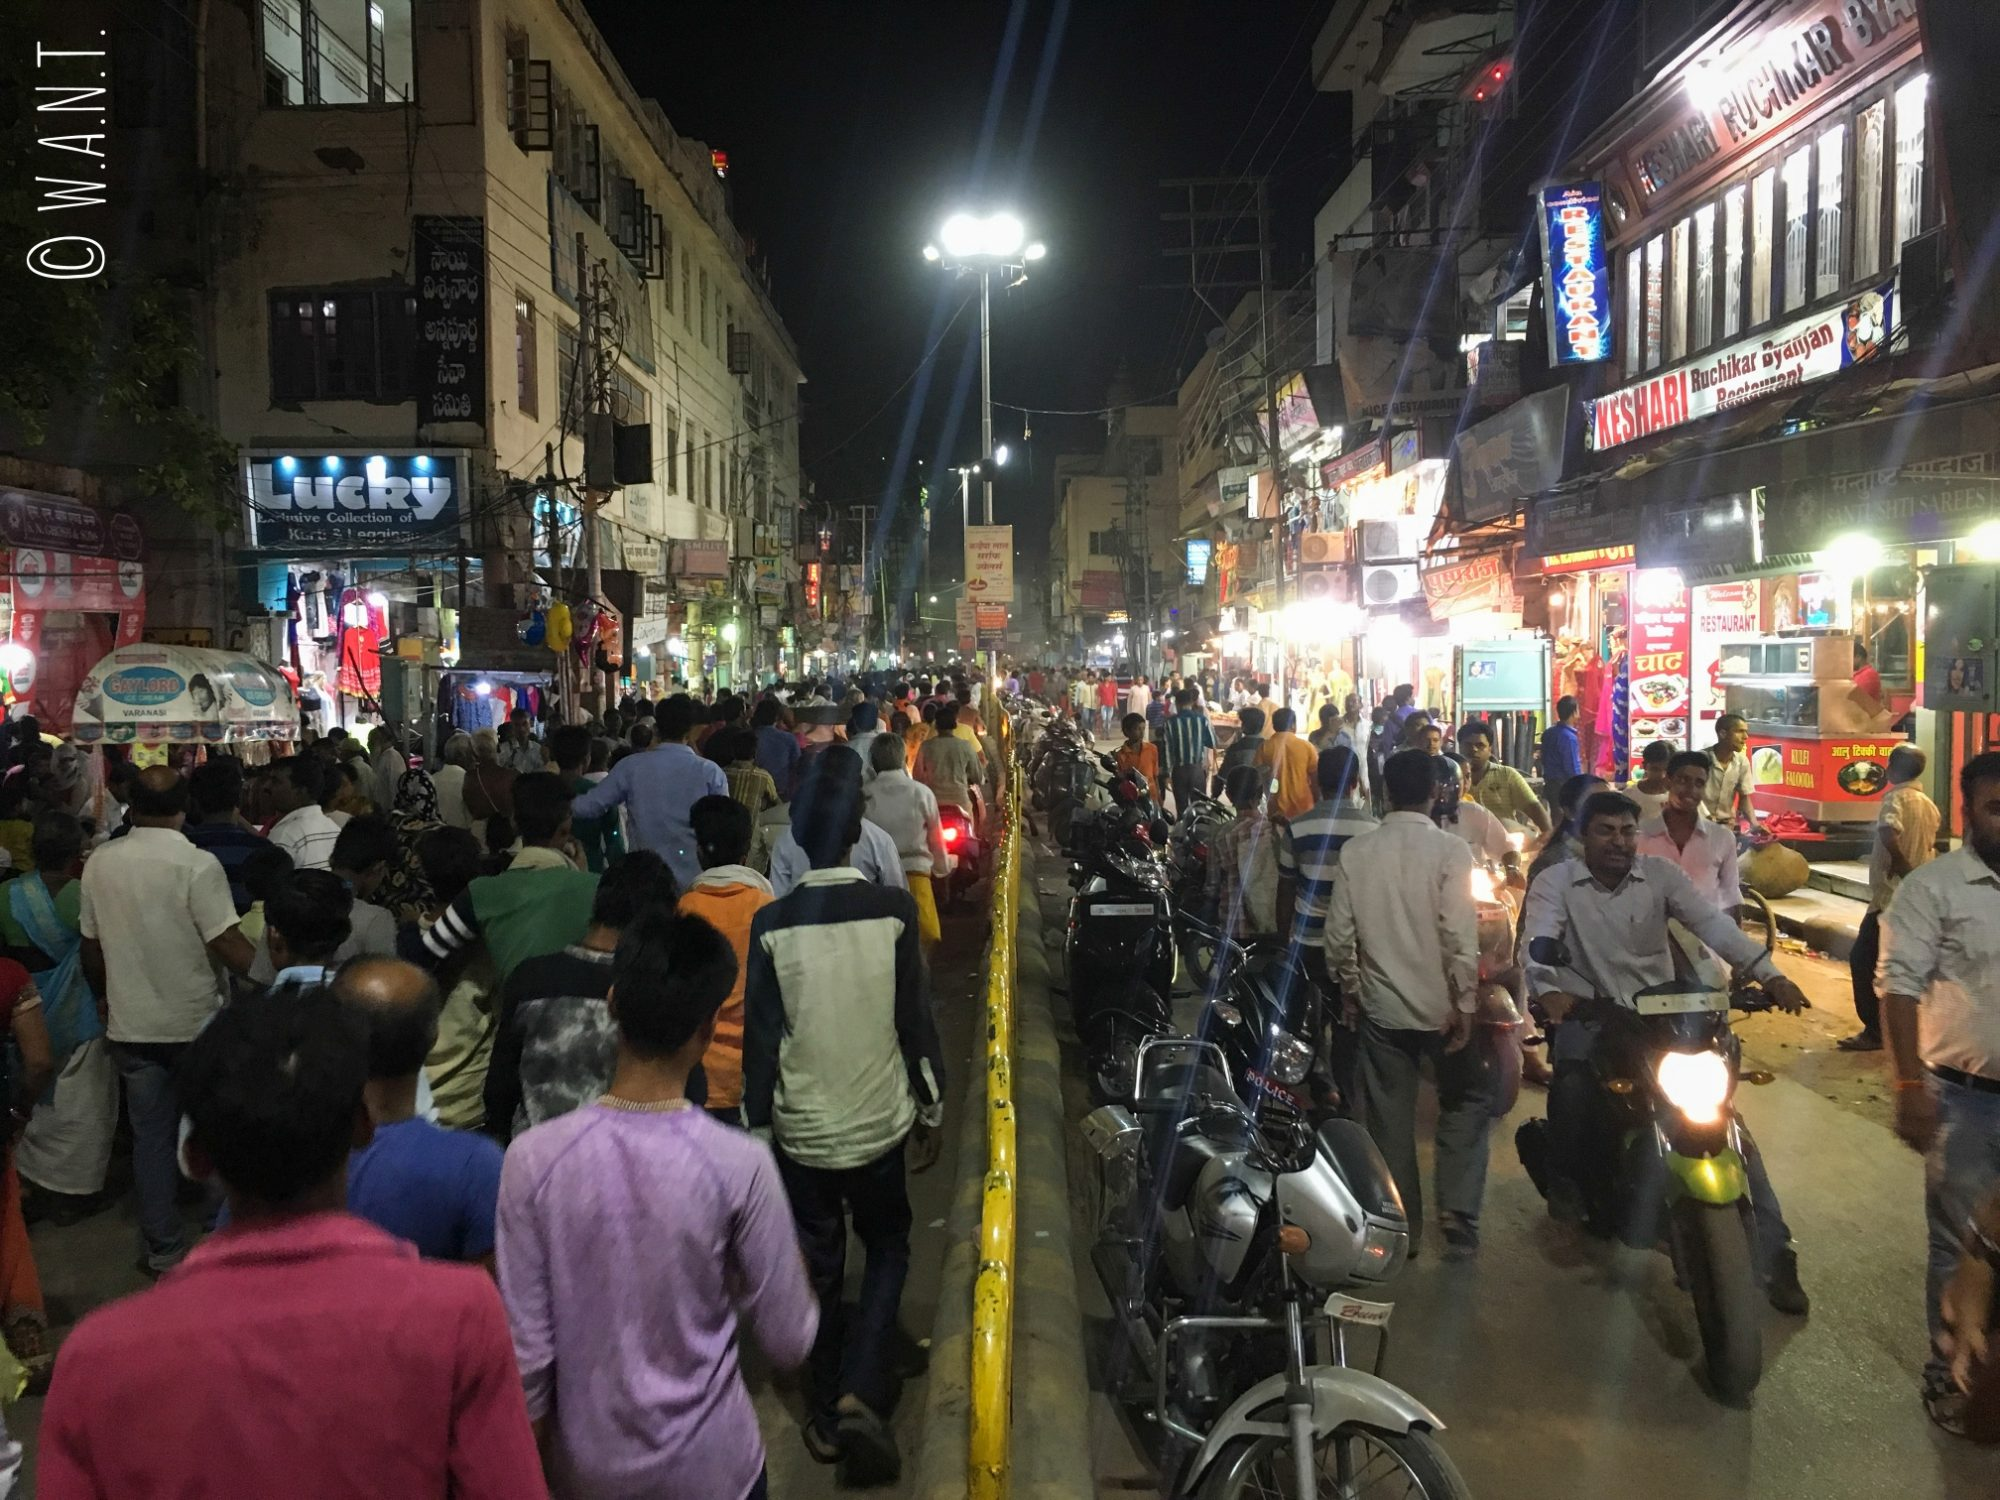 Après la cérémonie de l'aarti sur le Dashashwamedh ghat, la foule tente de se disperser dans les rues de Varanasi